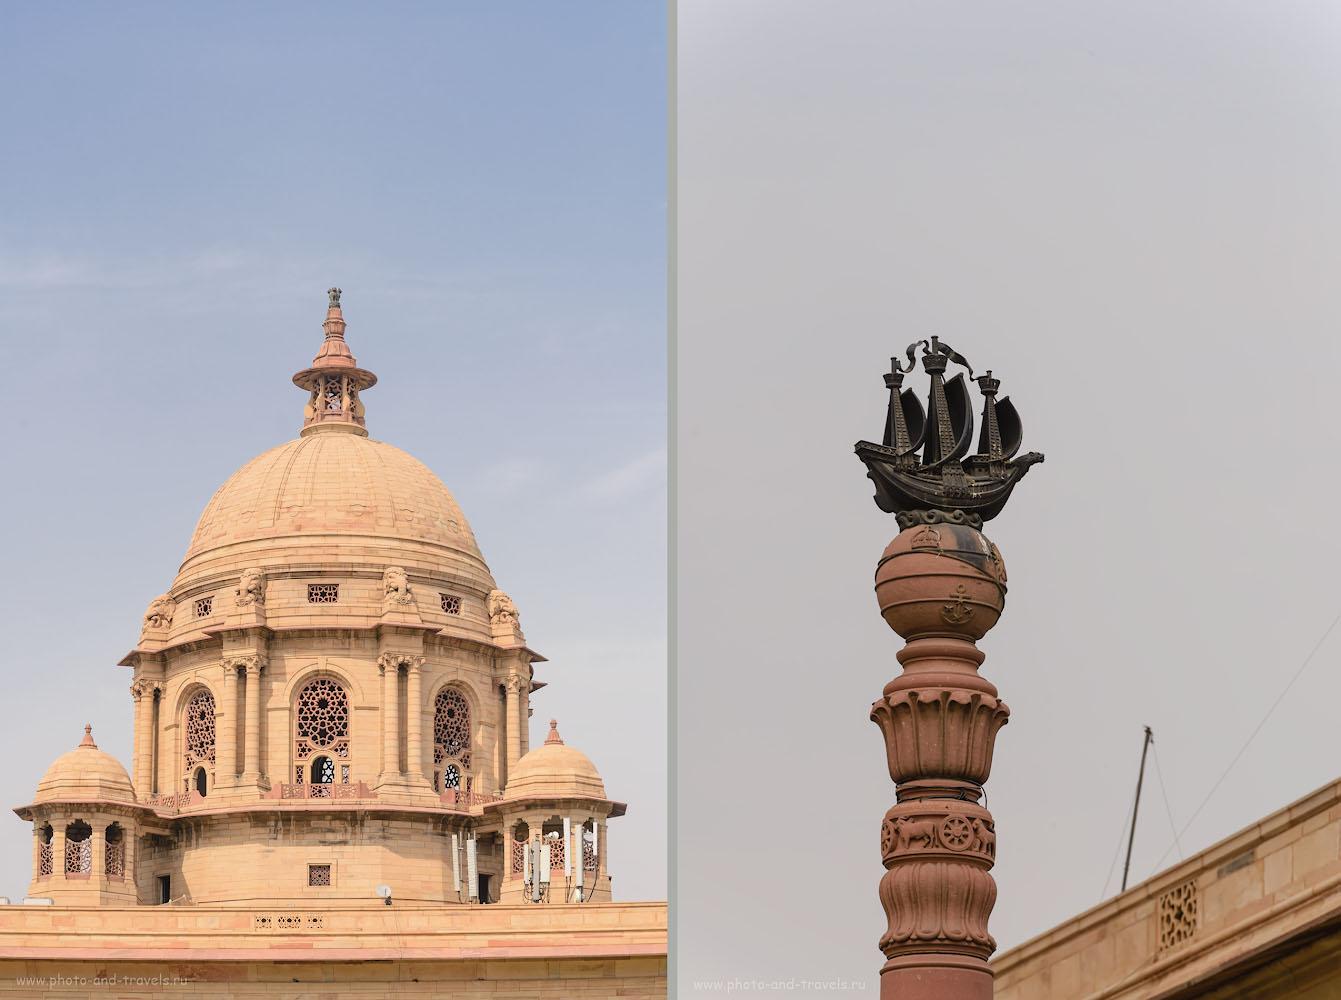 Фотография 30. Президентский дворец Раштрапати-Бхаван строился по проекту британского архитектора Эдвина Лаченса. Купол на здании Министерства внутренних дел.